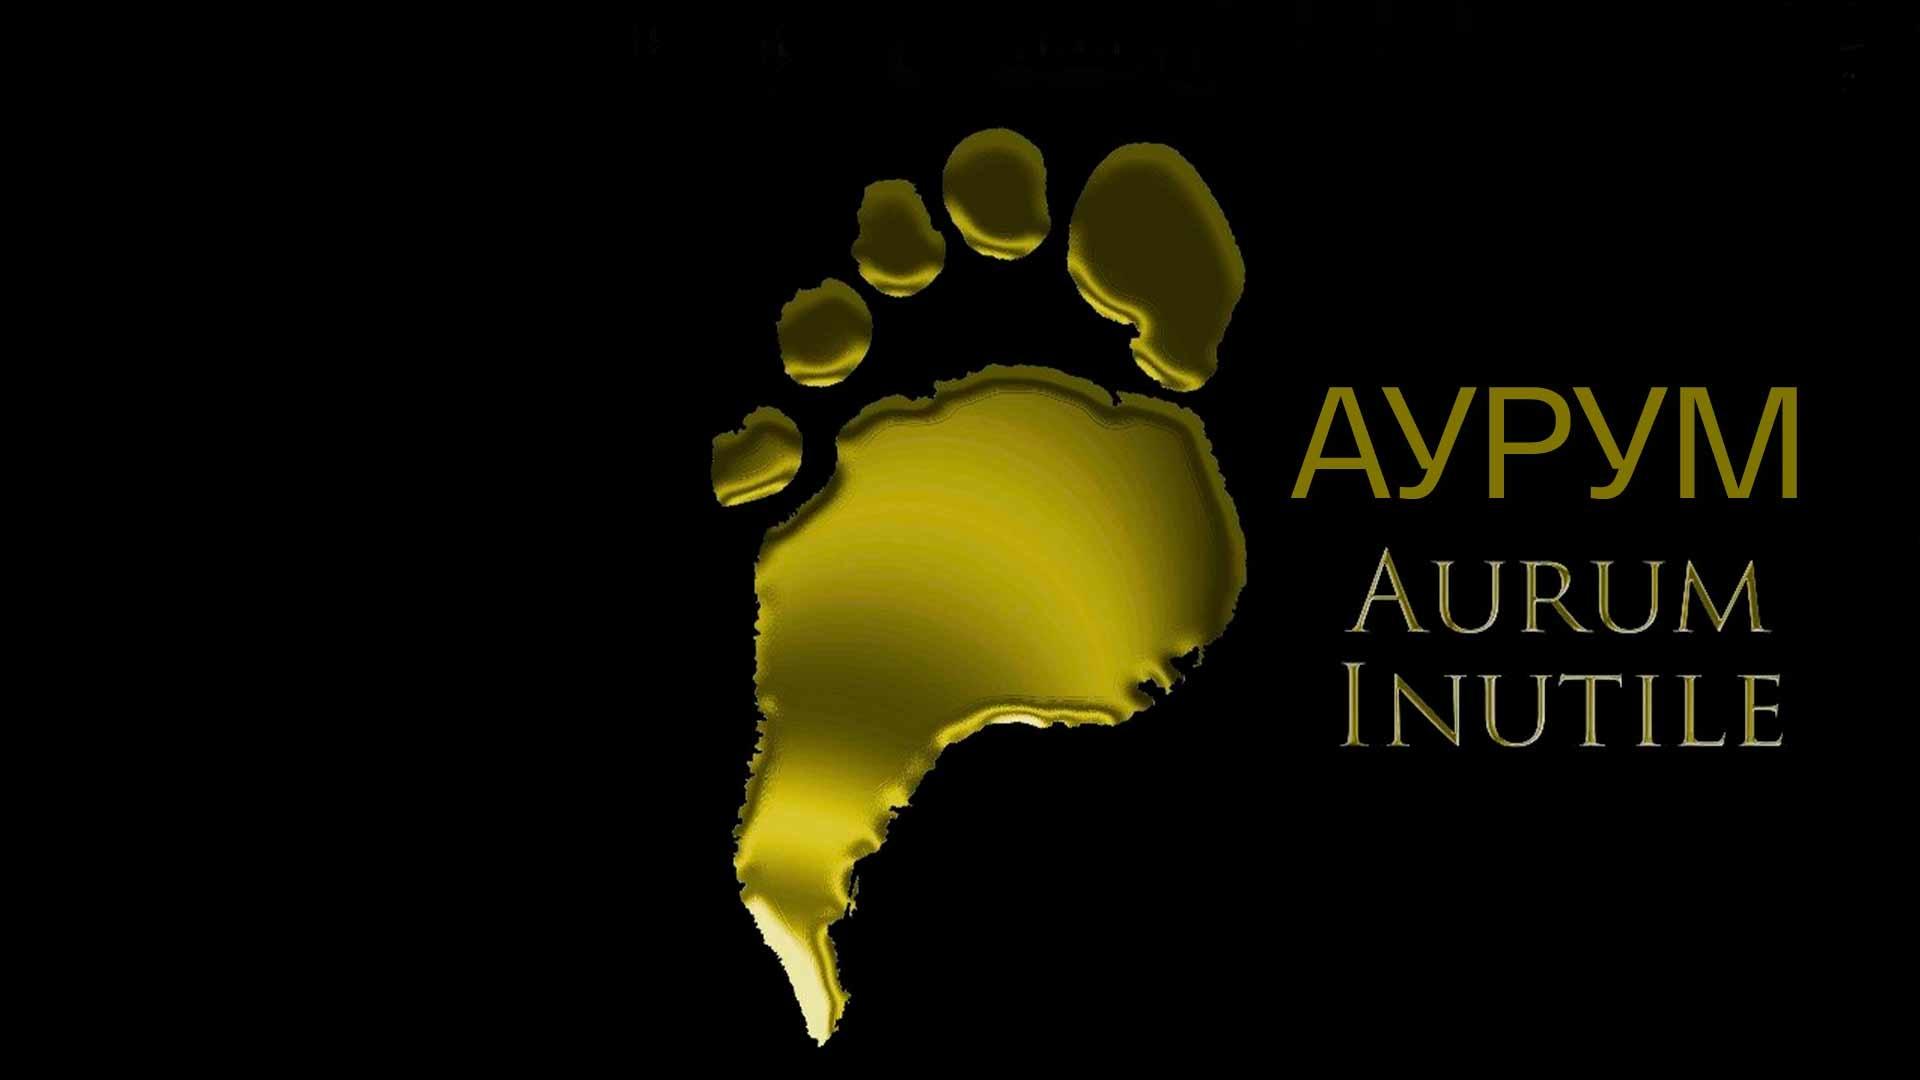 Аурум (Aurum Inutile)